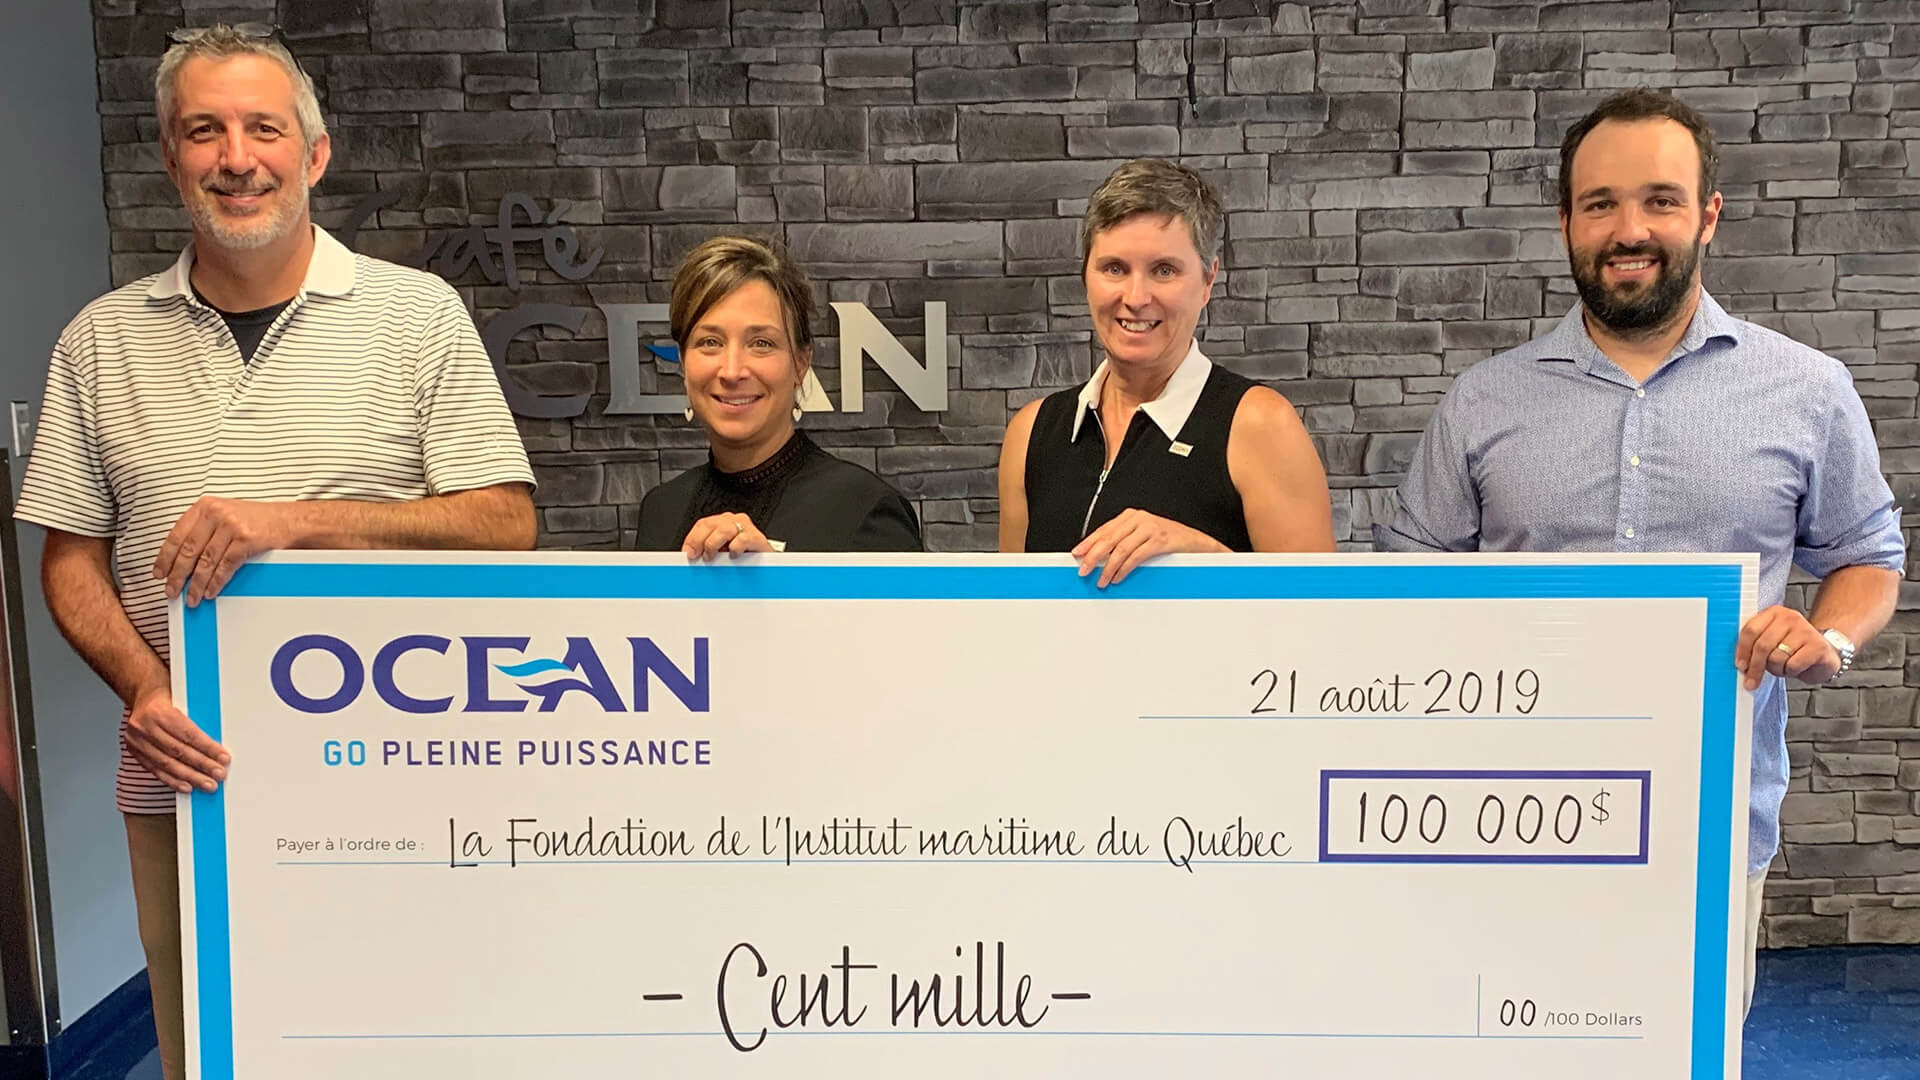 Groupe Océan fait don de 100 000$ à la Fondation de l'Institut maritime du Québec.